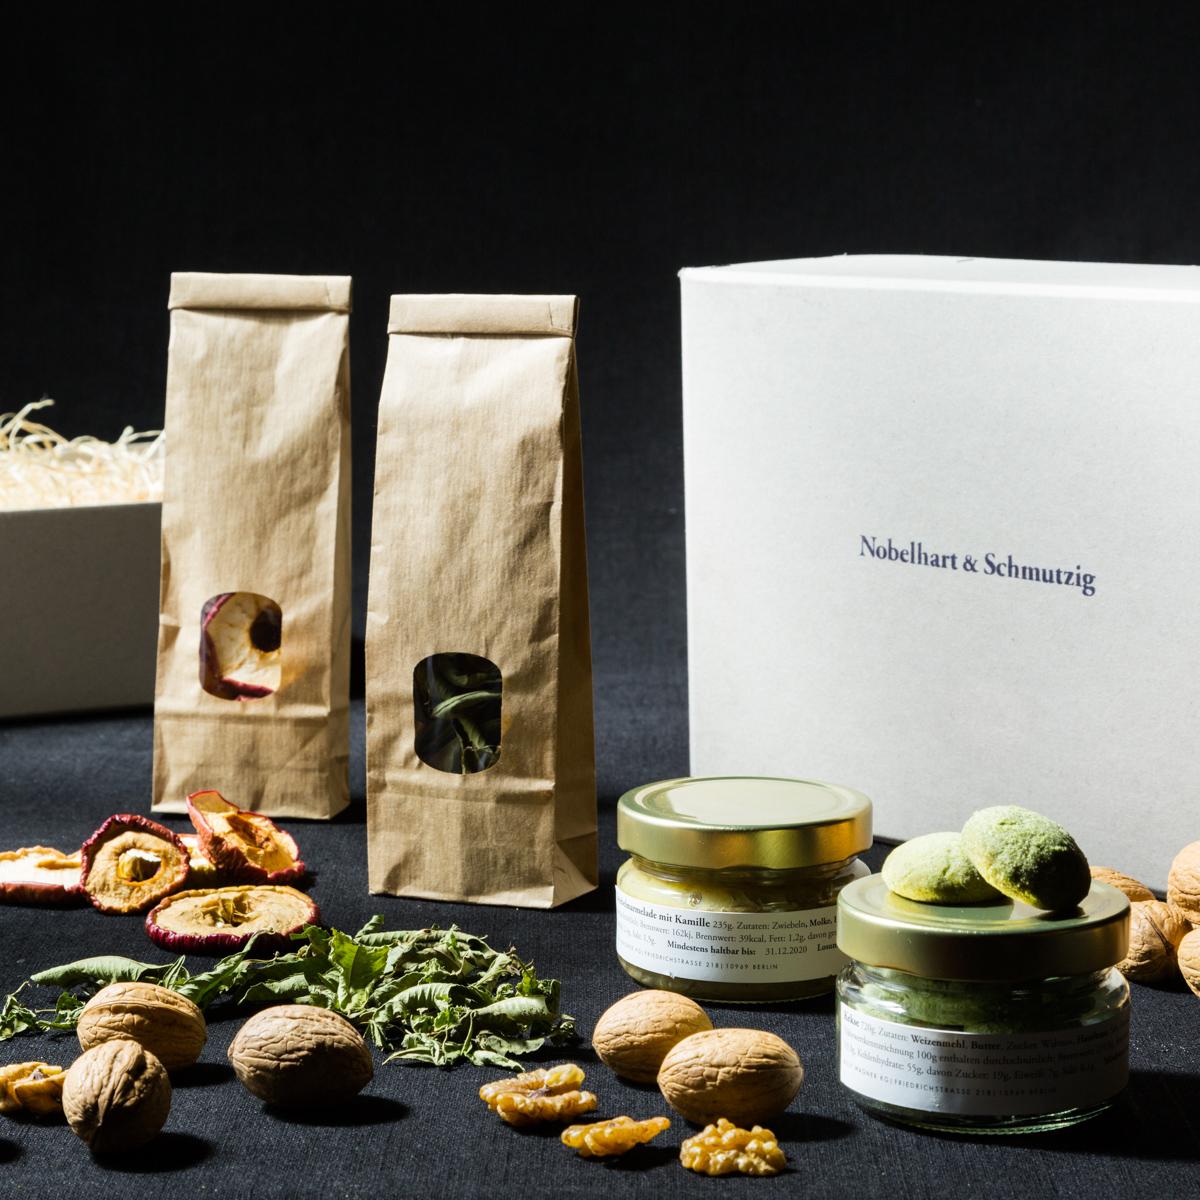 Nobelhart & Schmutzig Geschenkboxen © Caroline Prange